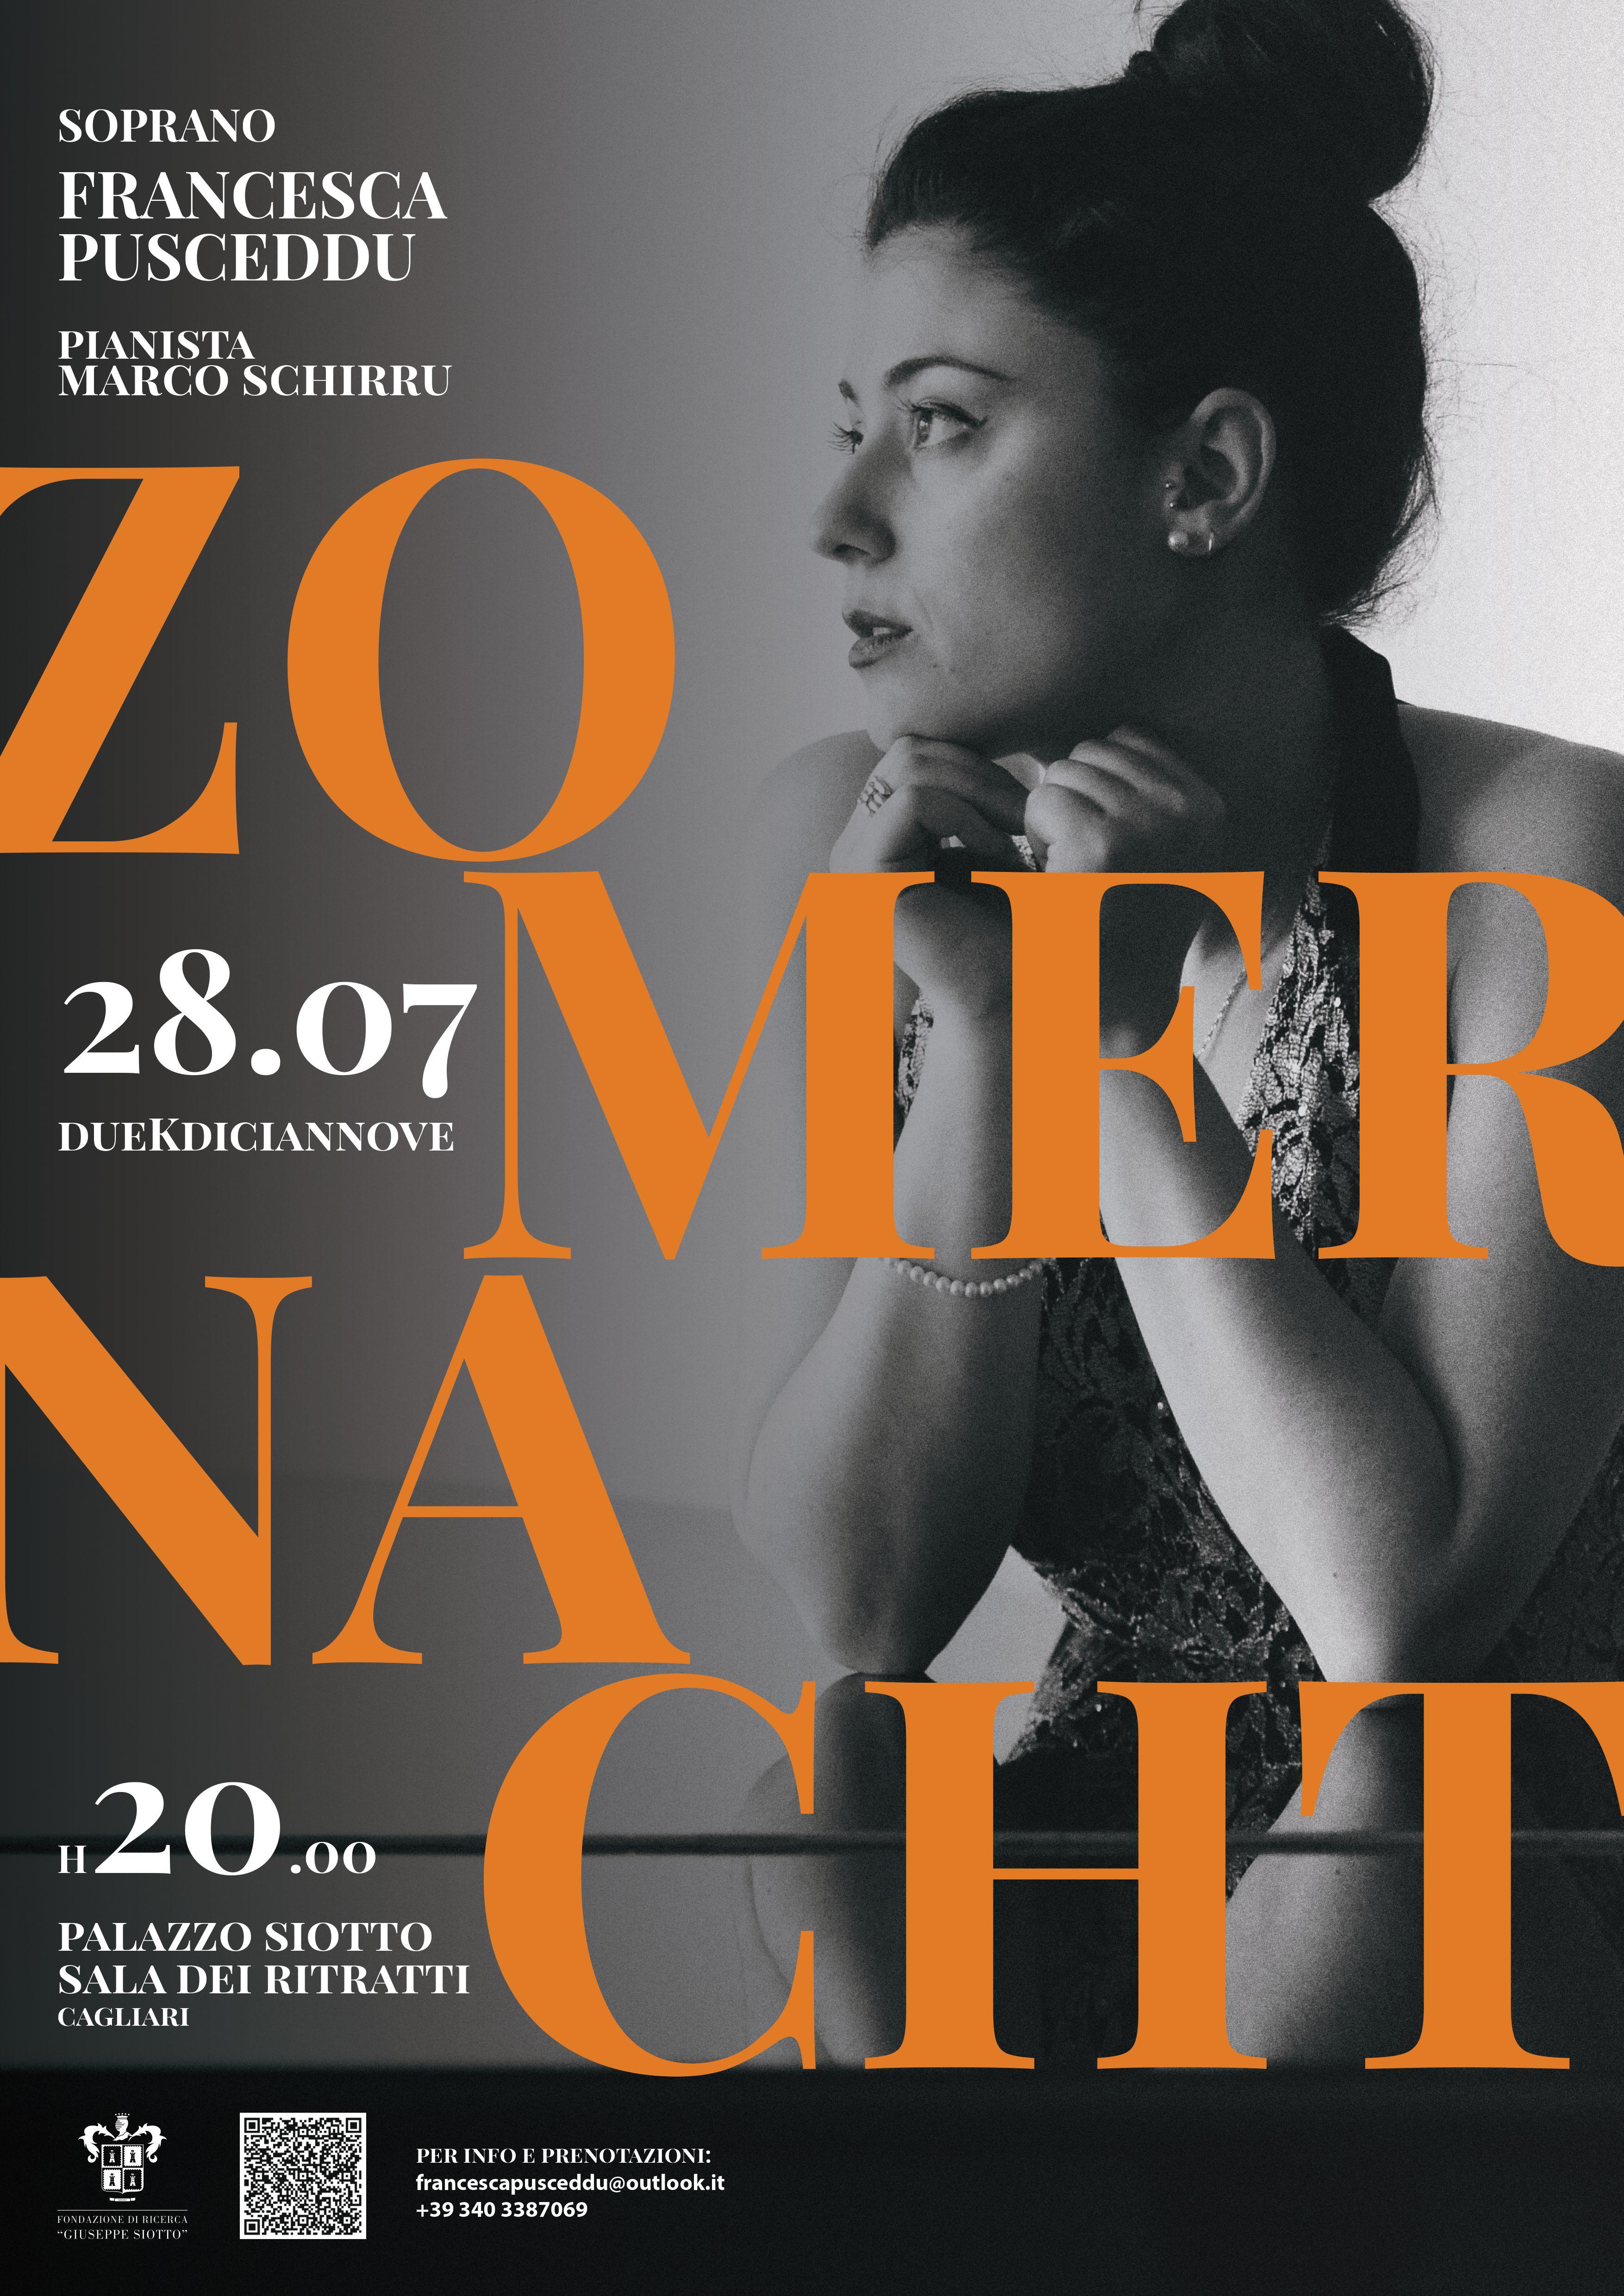 Zomer Nacht: concerto del soprano Francesca Pusceddu a Palazzo Siotto